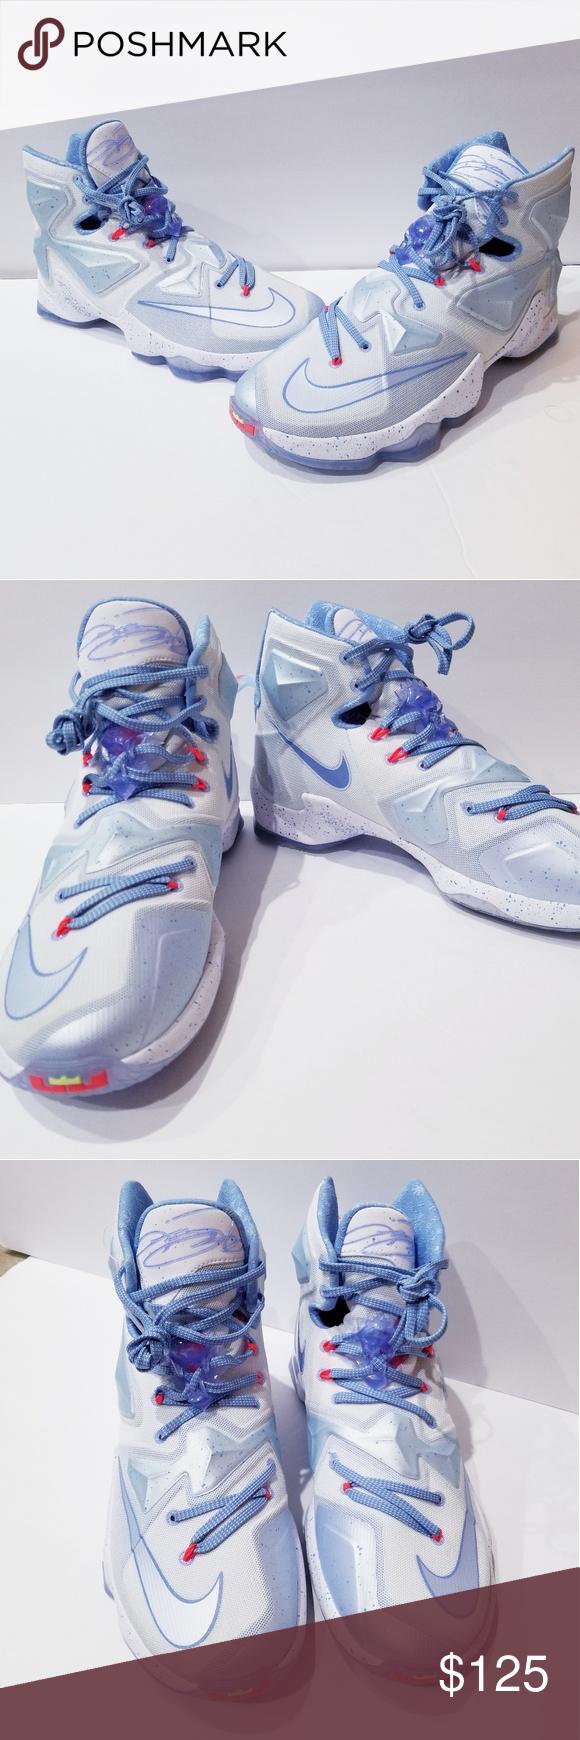 25efc2ffa99 Nike Lebron XIII 13 Christmas XMAS Summit Sneakers Nike Lebron XIII 13  Christmas XMAS Summit White